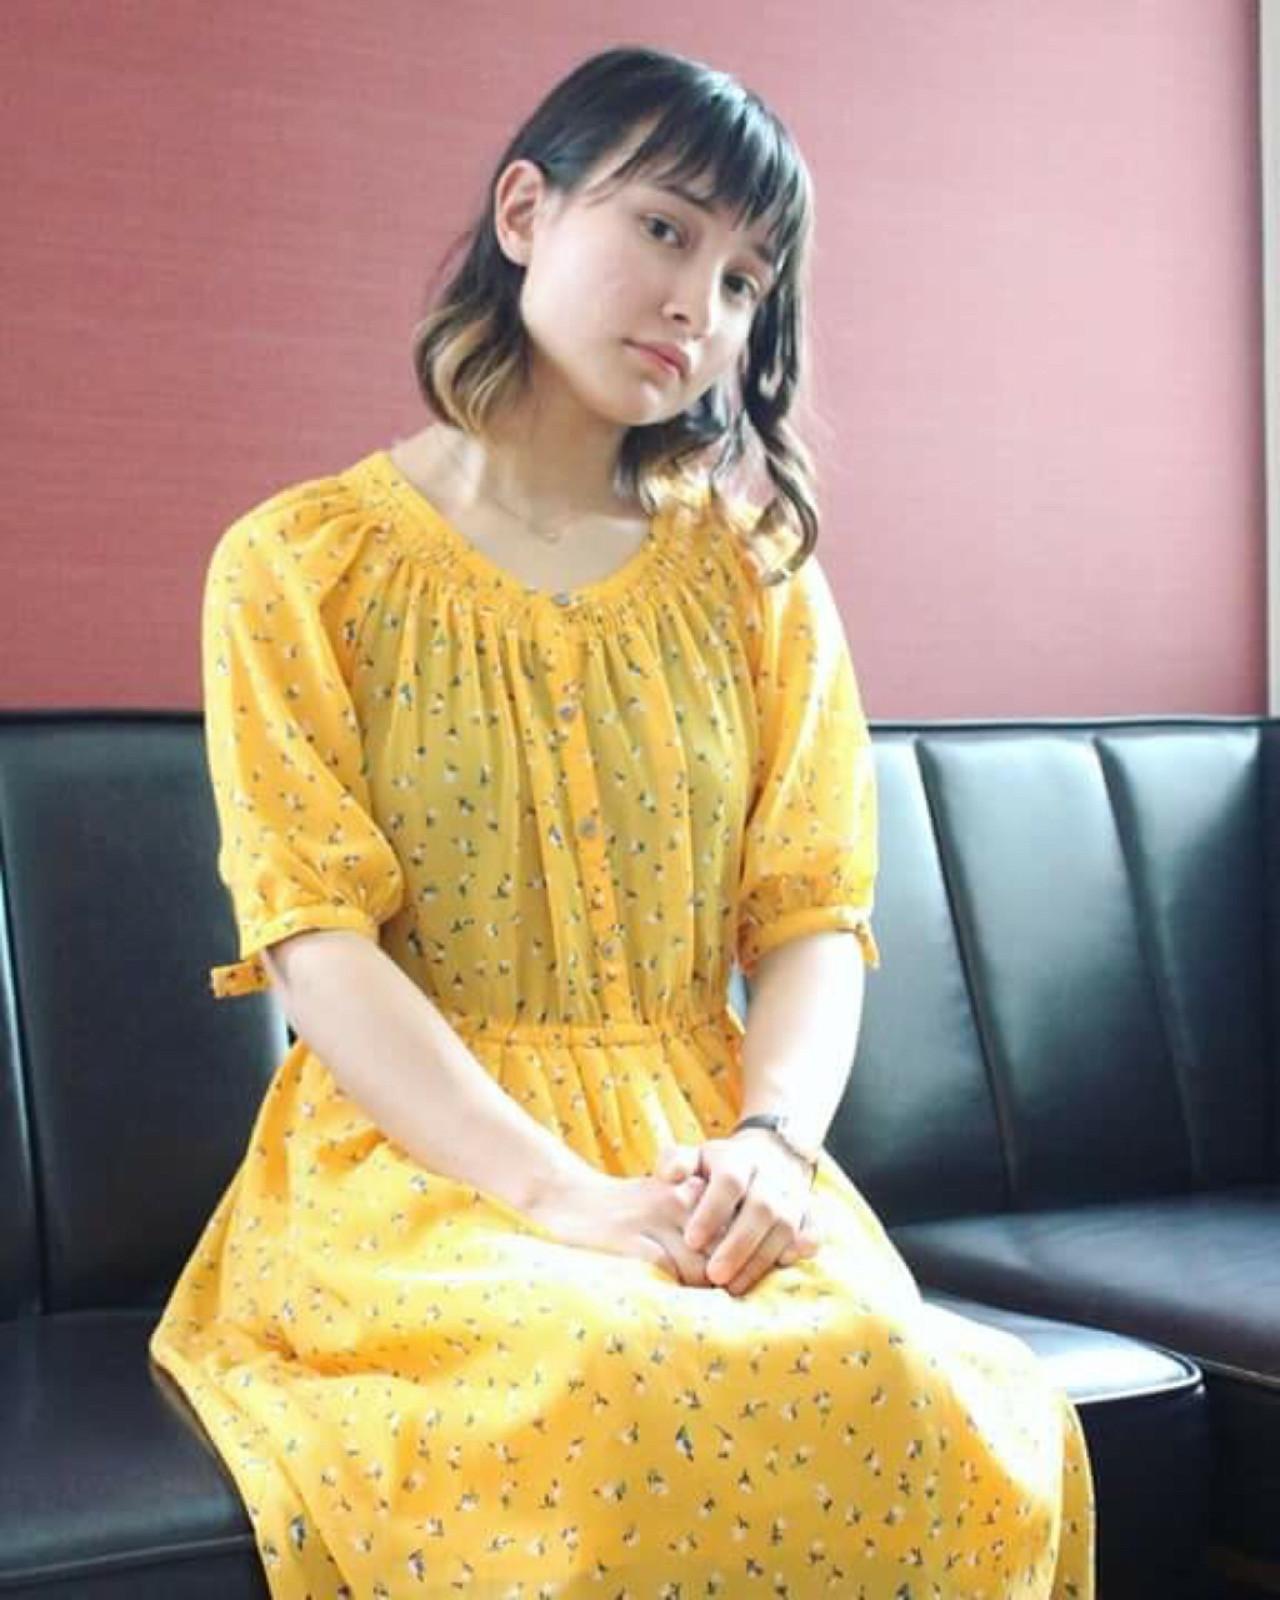 グラデーションカラー 夏 ヘアアレンジ ボブ ヘアスタイルや髪型の写真・画像 | Ryo isijima / atelier lurtta